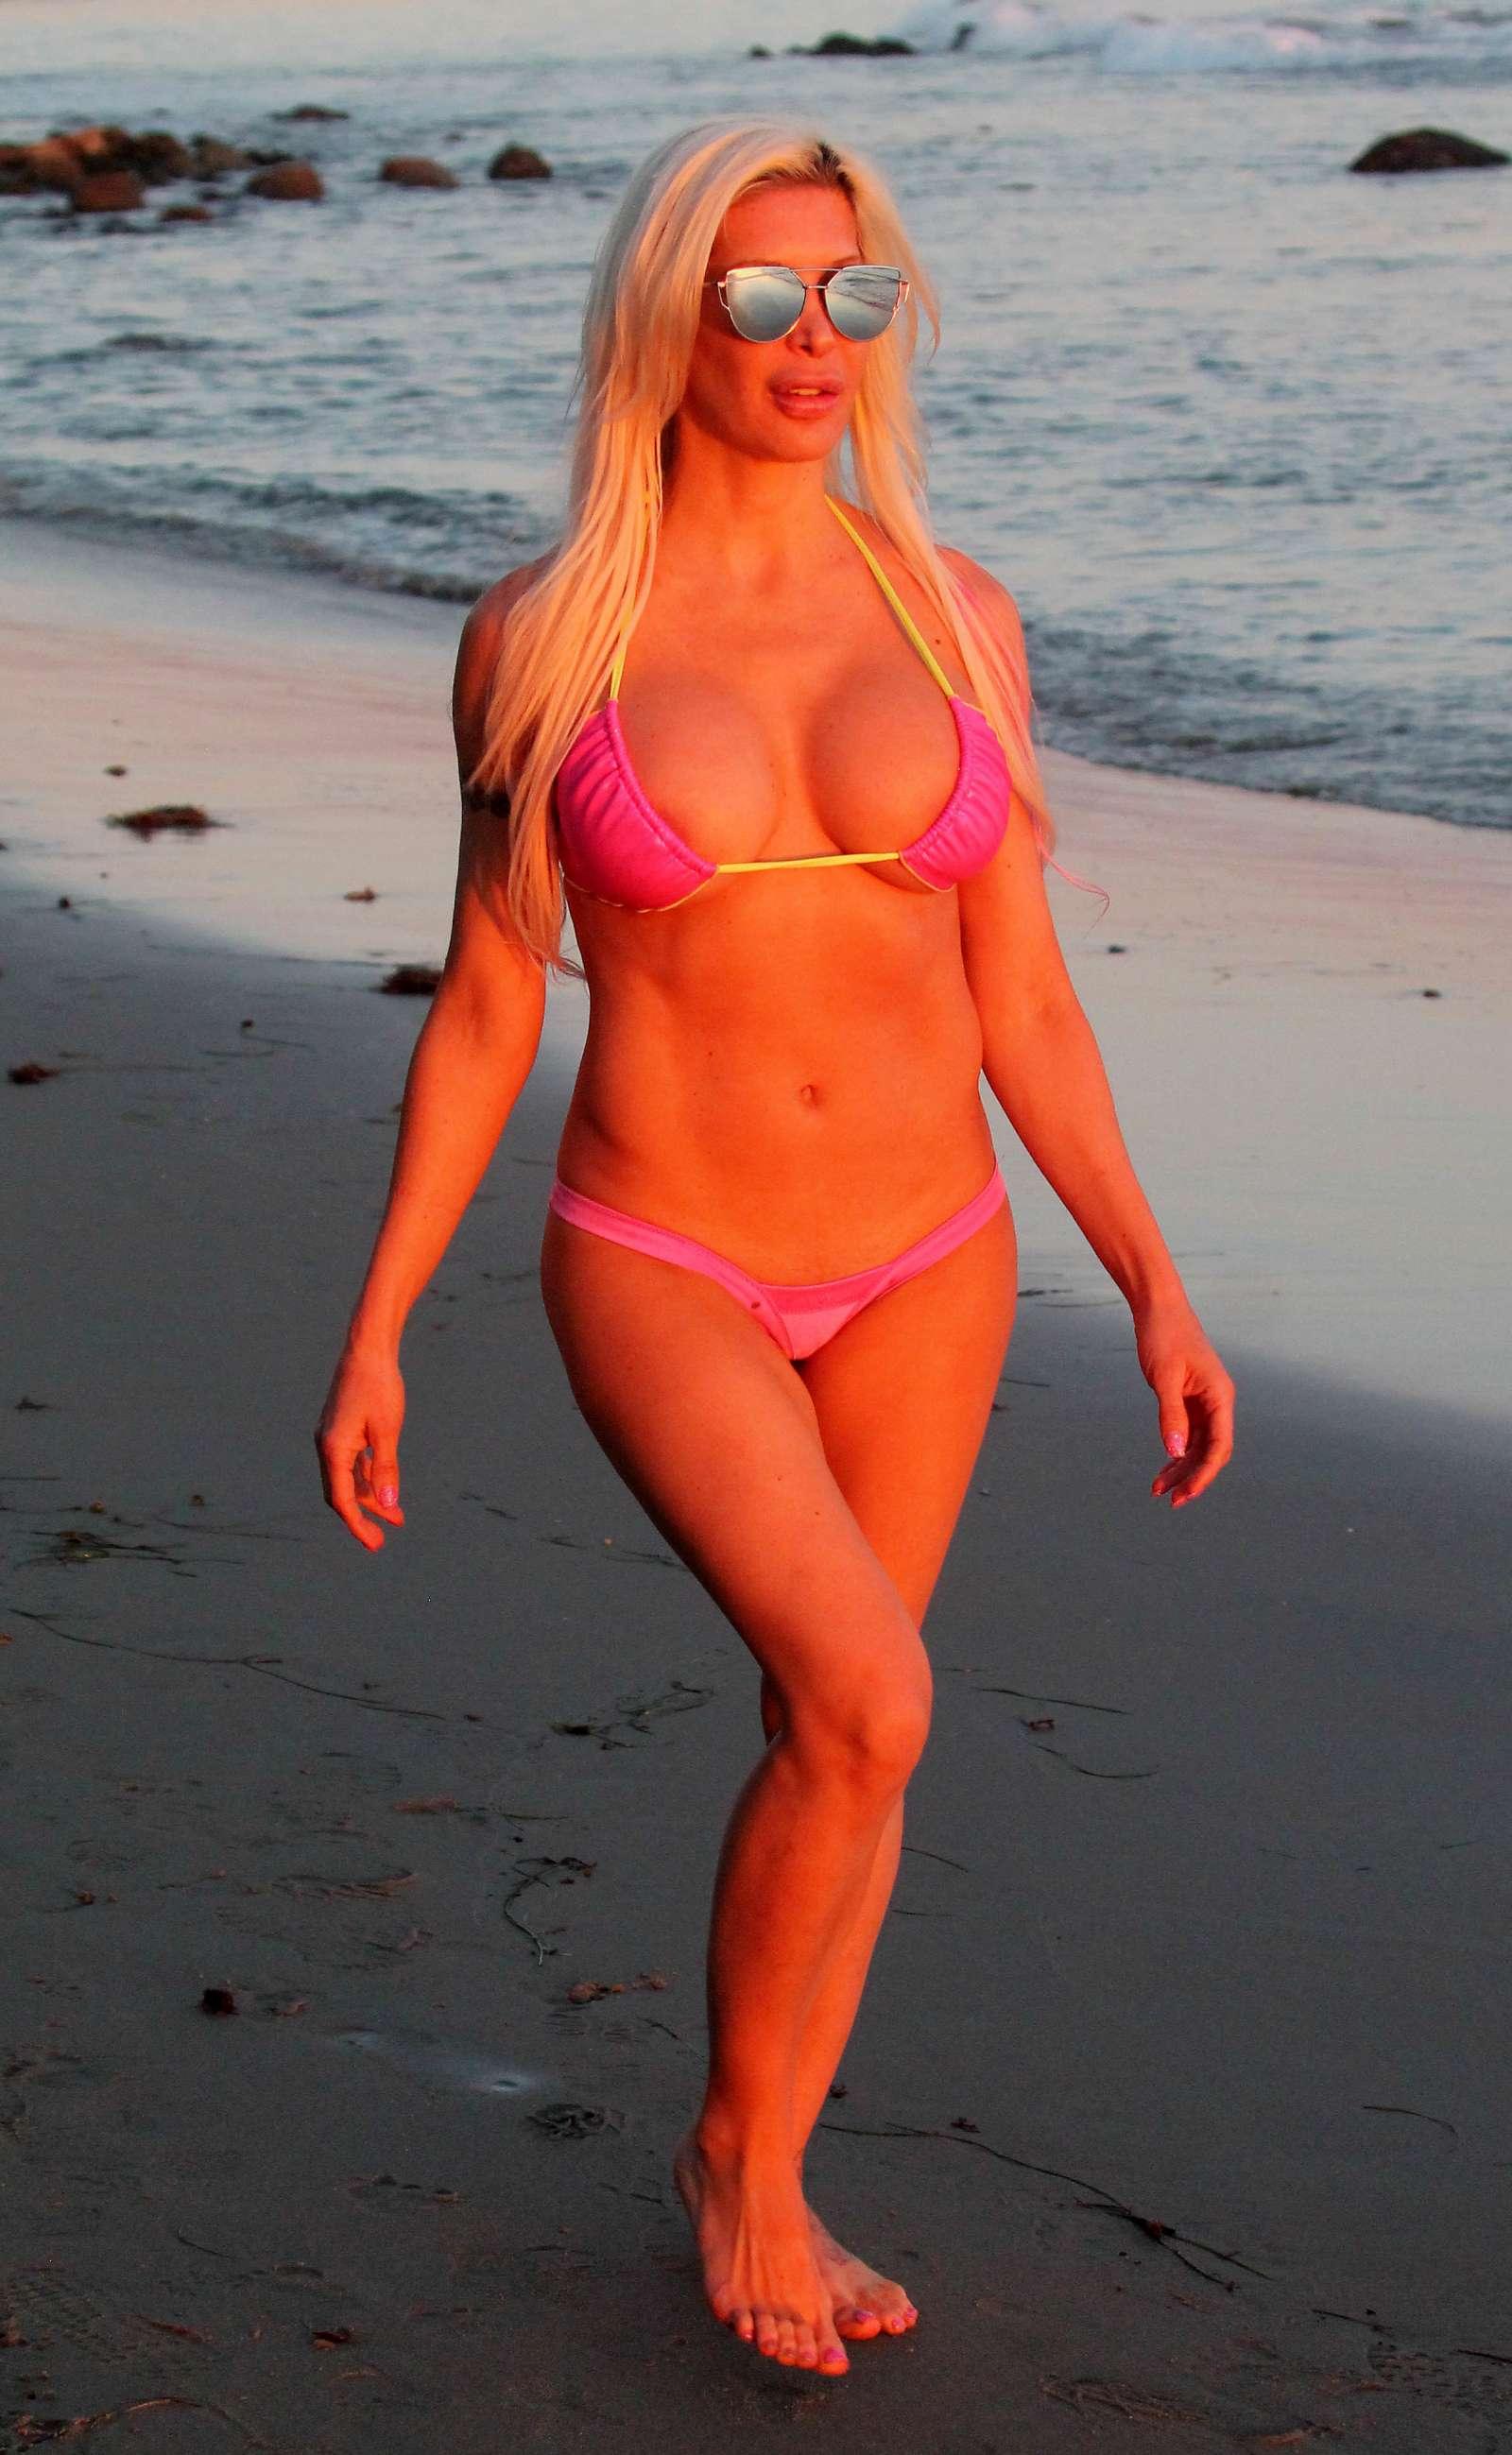 Frenchy Morgan in Pink Bikini in Malibu Pic 29 of 35